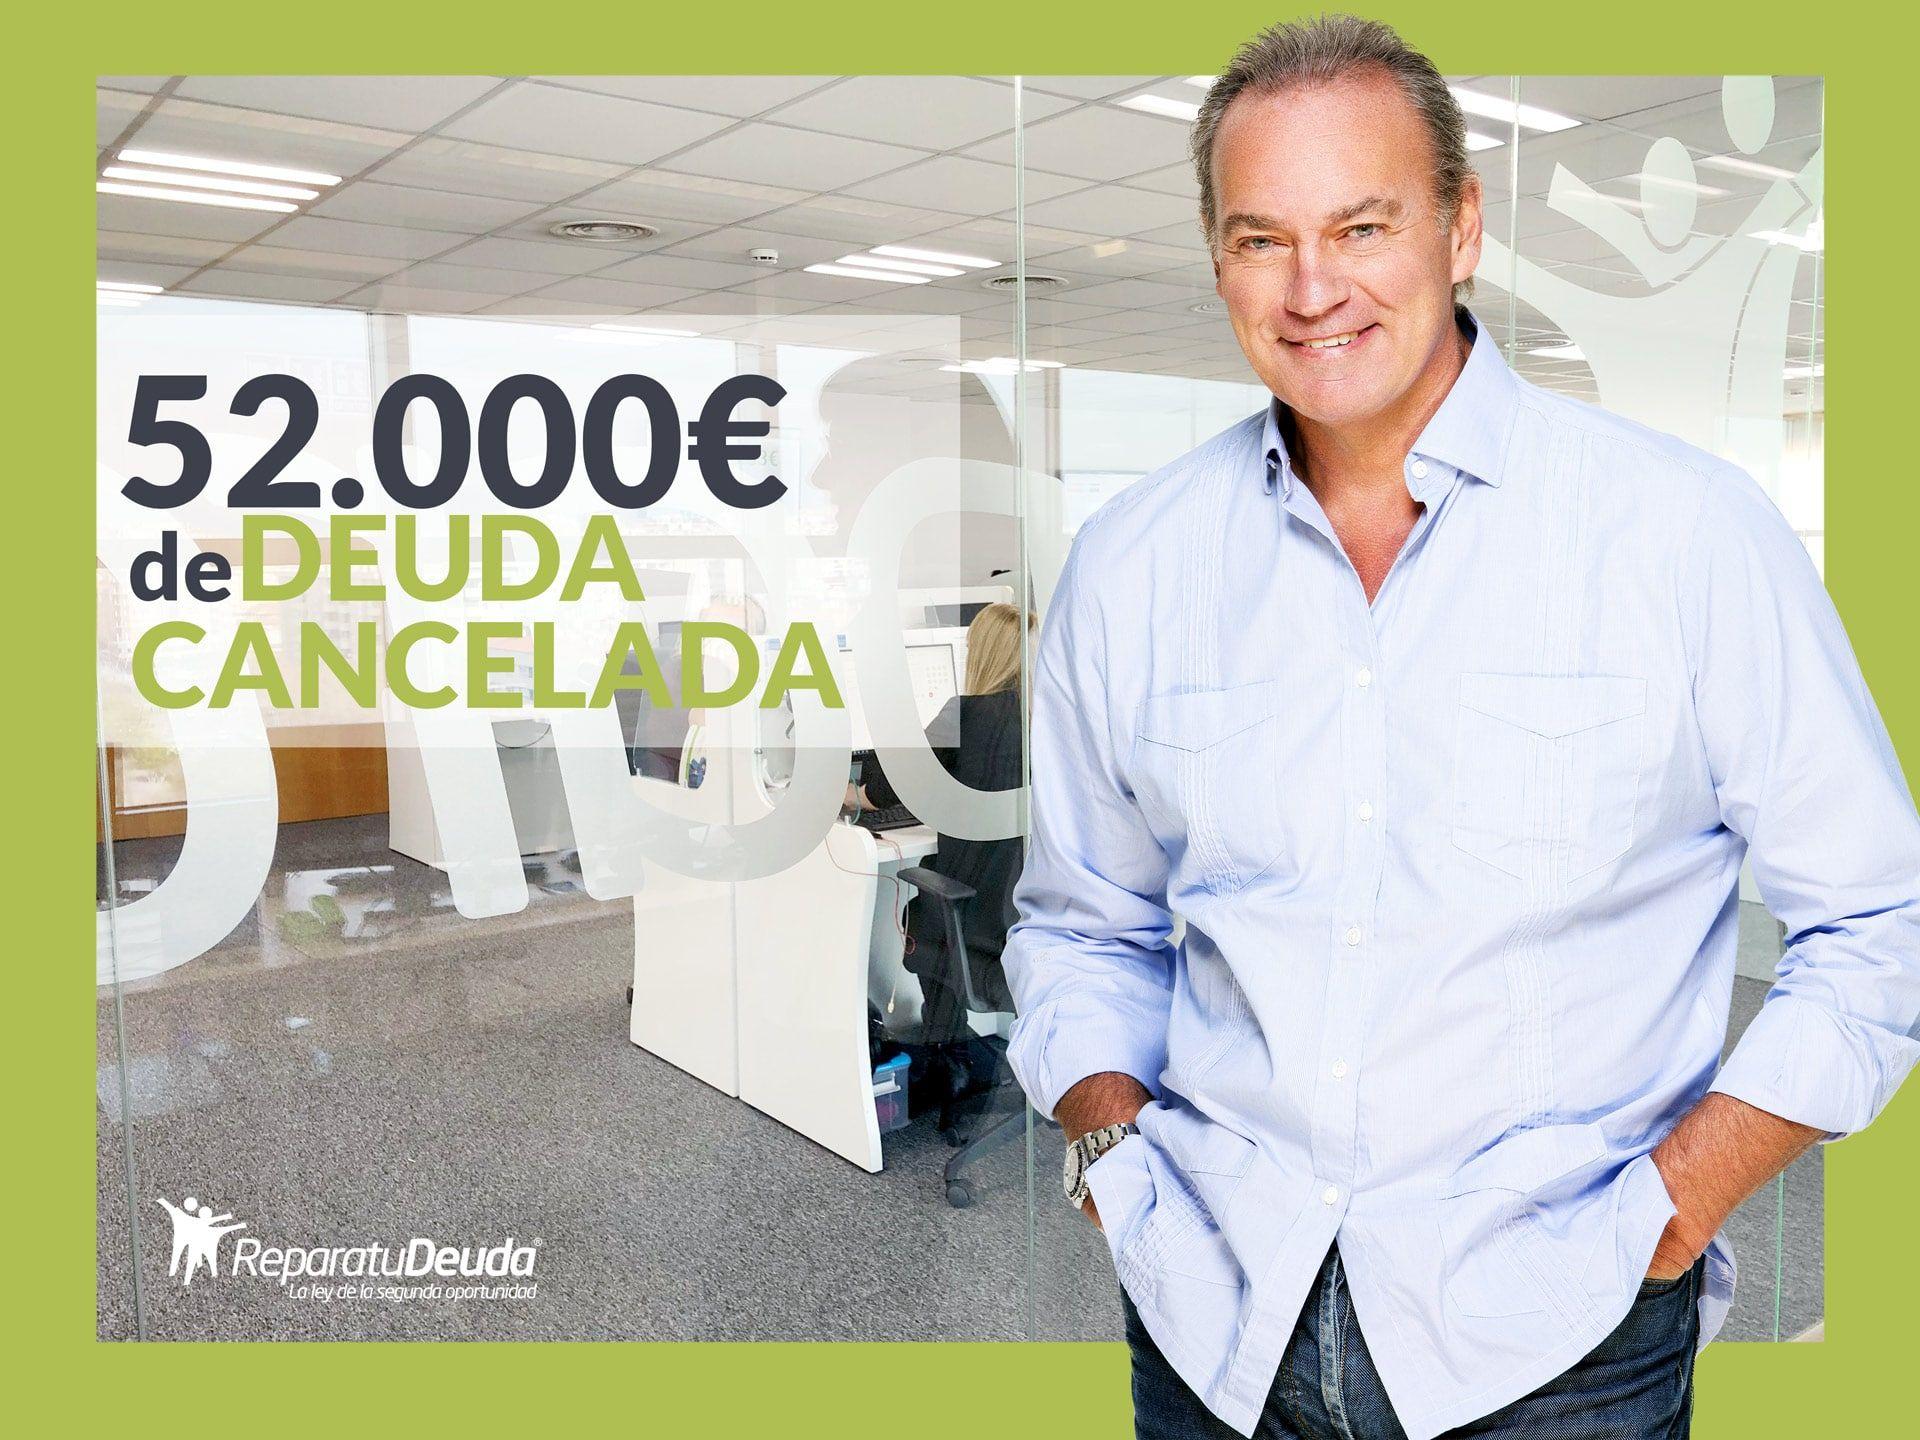 Repara tu Deuda Abogados cancela 52.000 € en Alicante con la Ley de la Segunda Oportunidad